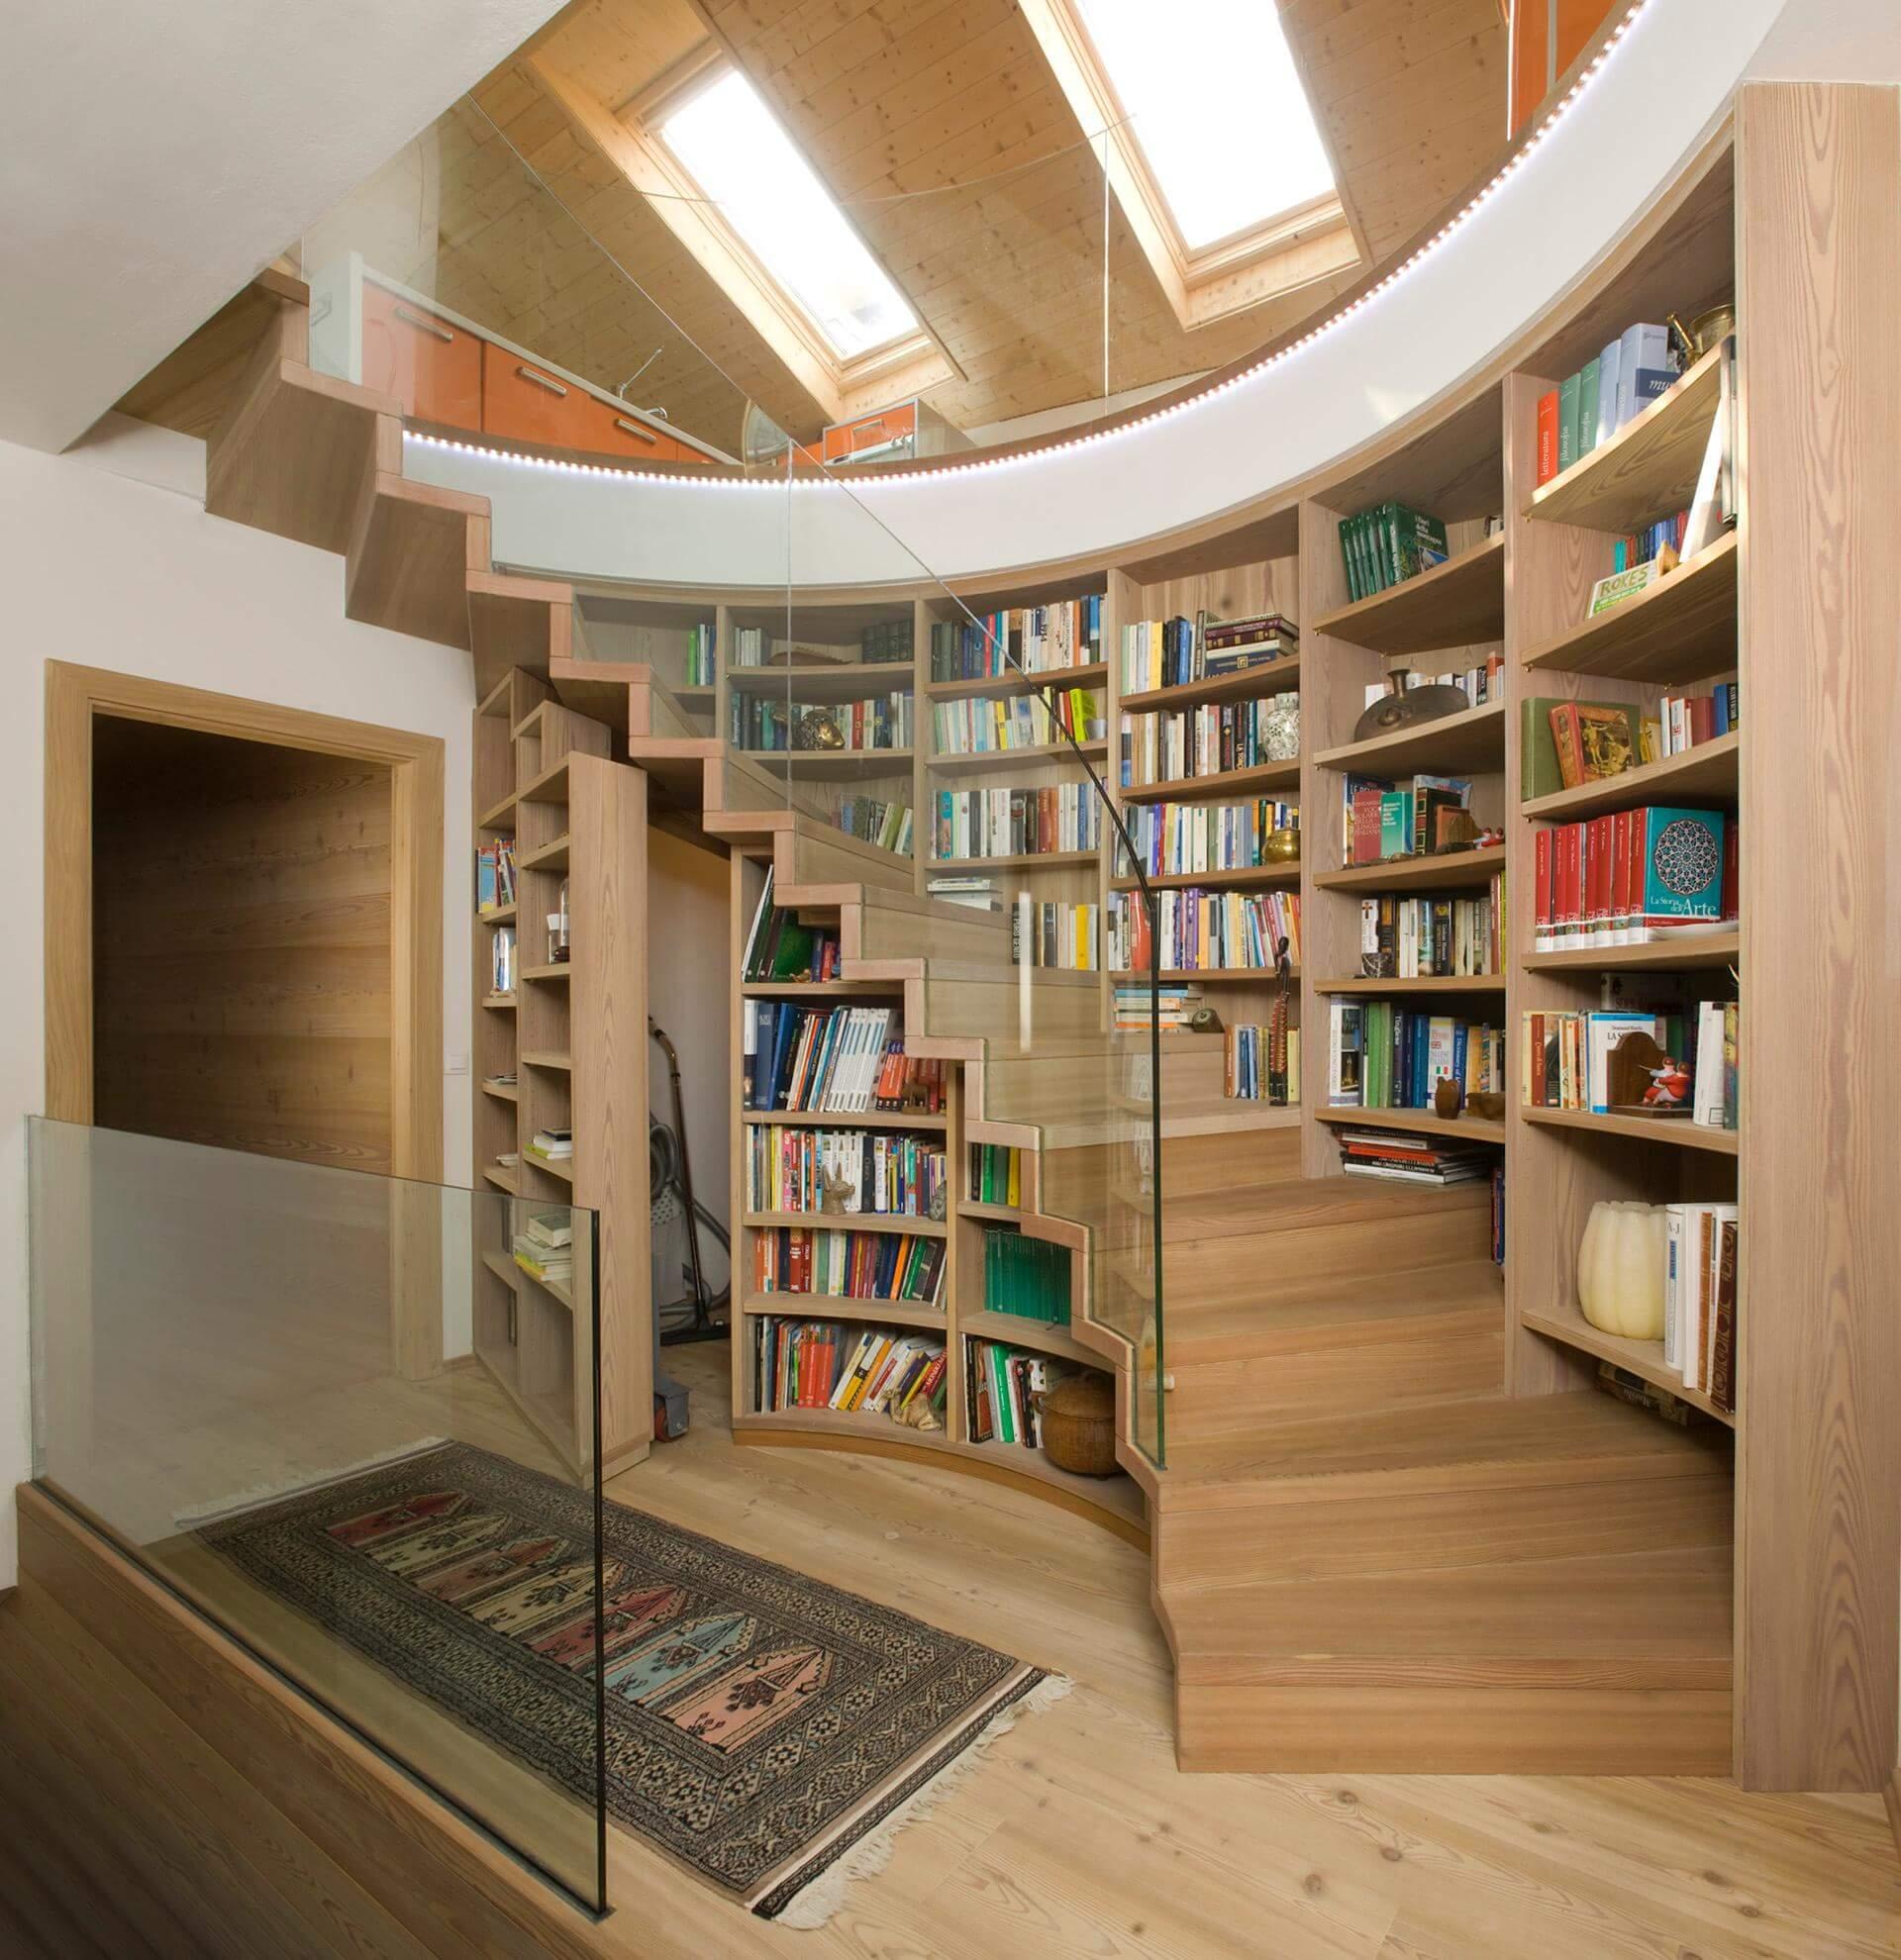 scala curva fatta a sbalzo con alzata fatta a trento dalla ditta thomaseth scale di castelrotto. Black Bedroom Furniture Sets. Home Design Ideas